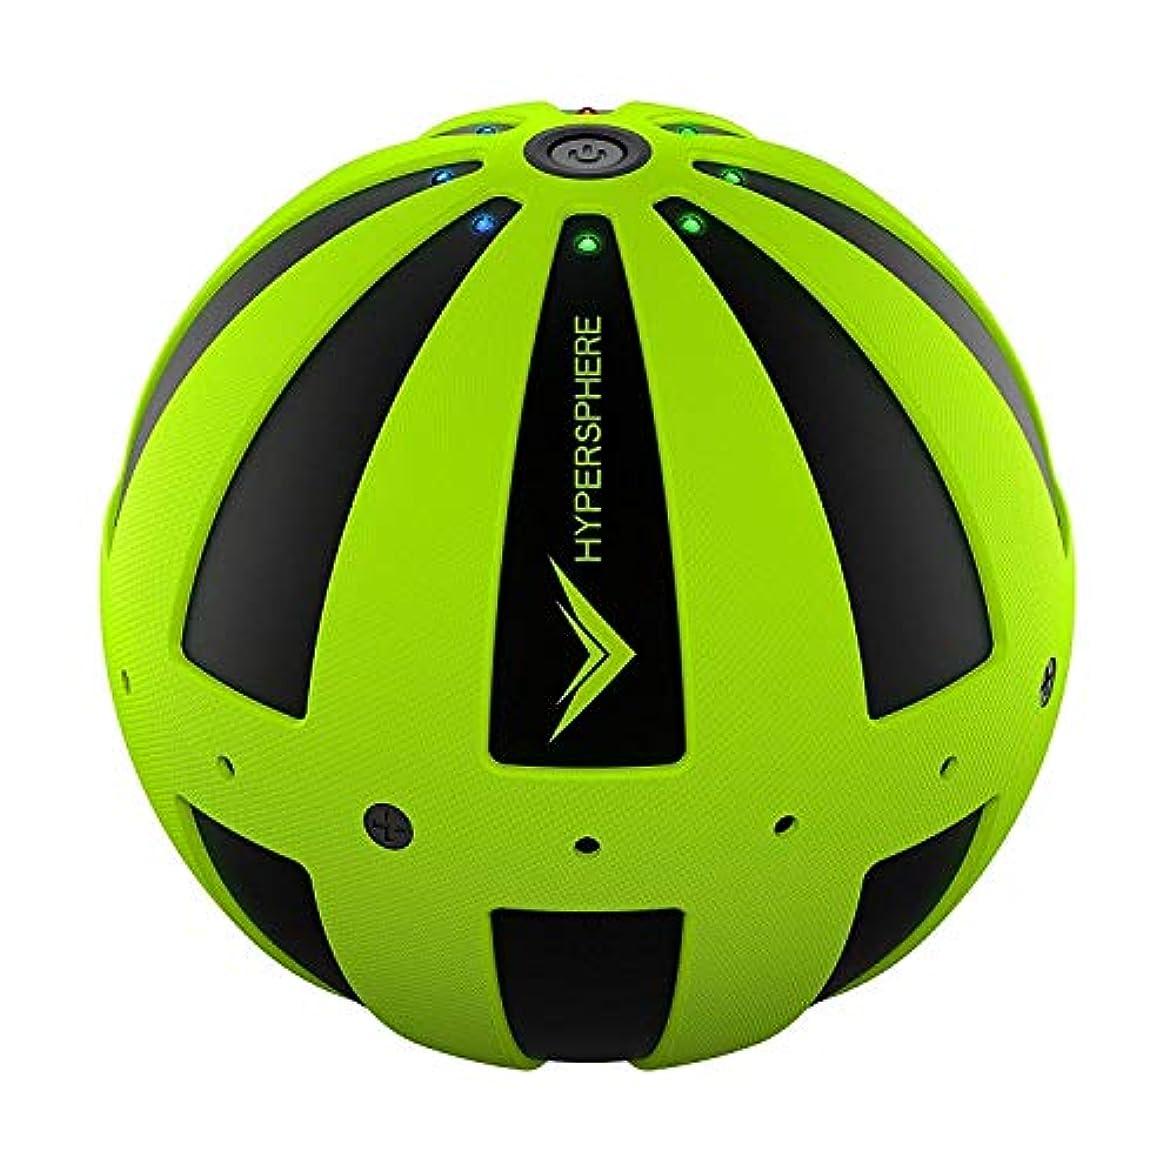 遊び場同様に固めるHypersphere Vibrating Fitness Ball (PSEアダプタ付属) [並行輸入品]